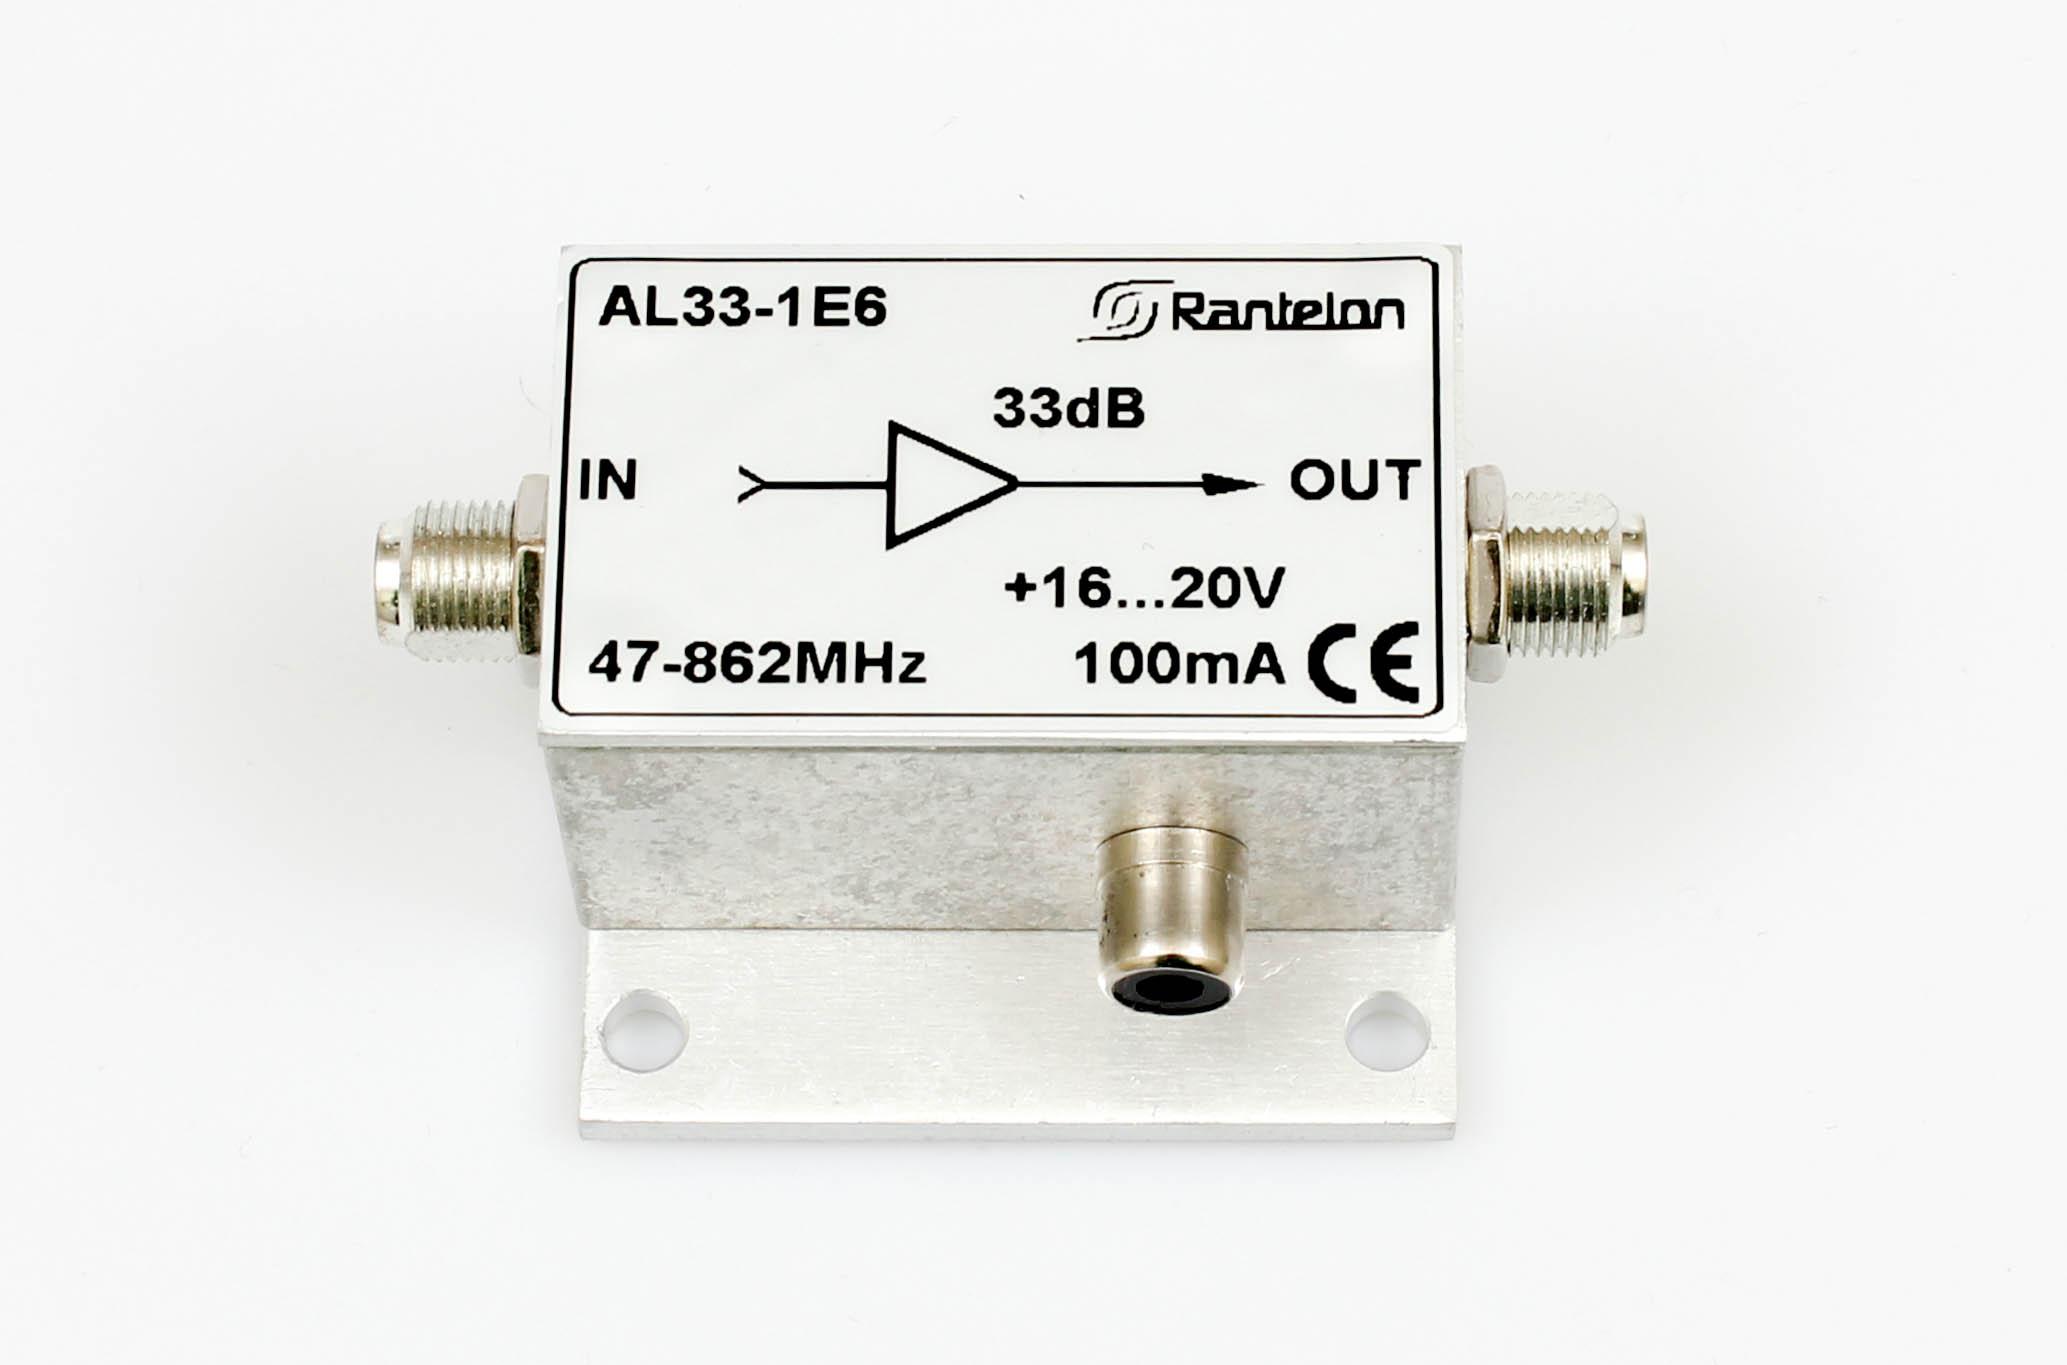 AL33-1E6